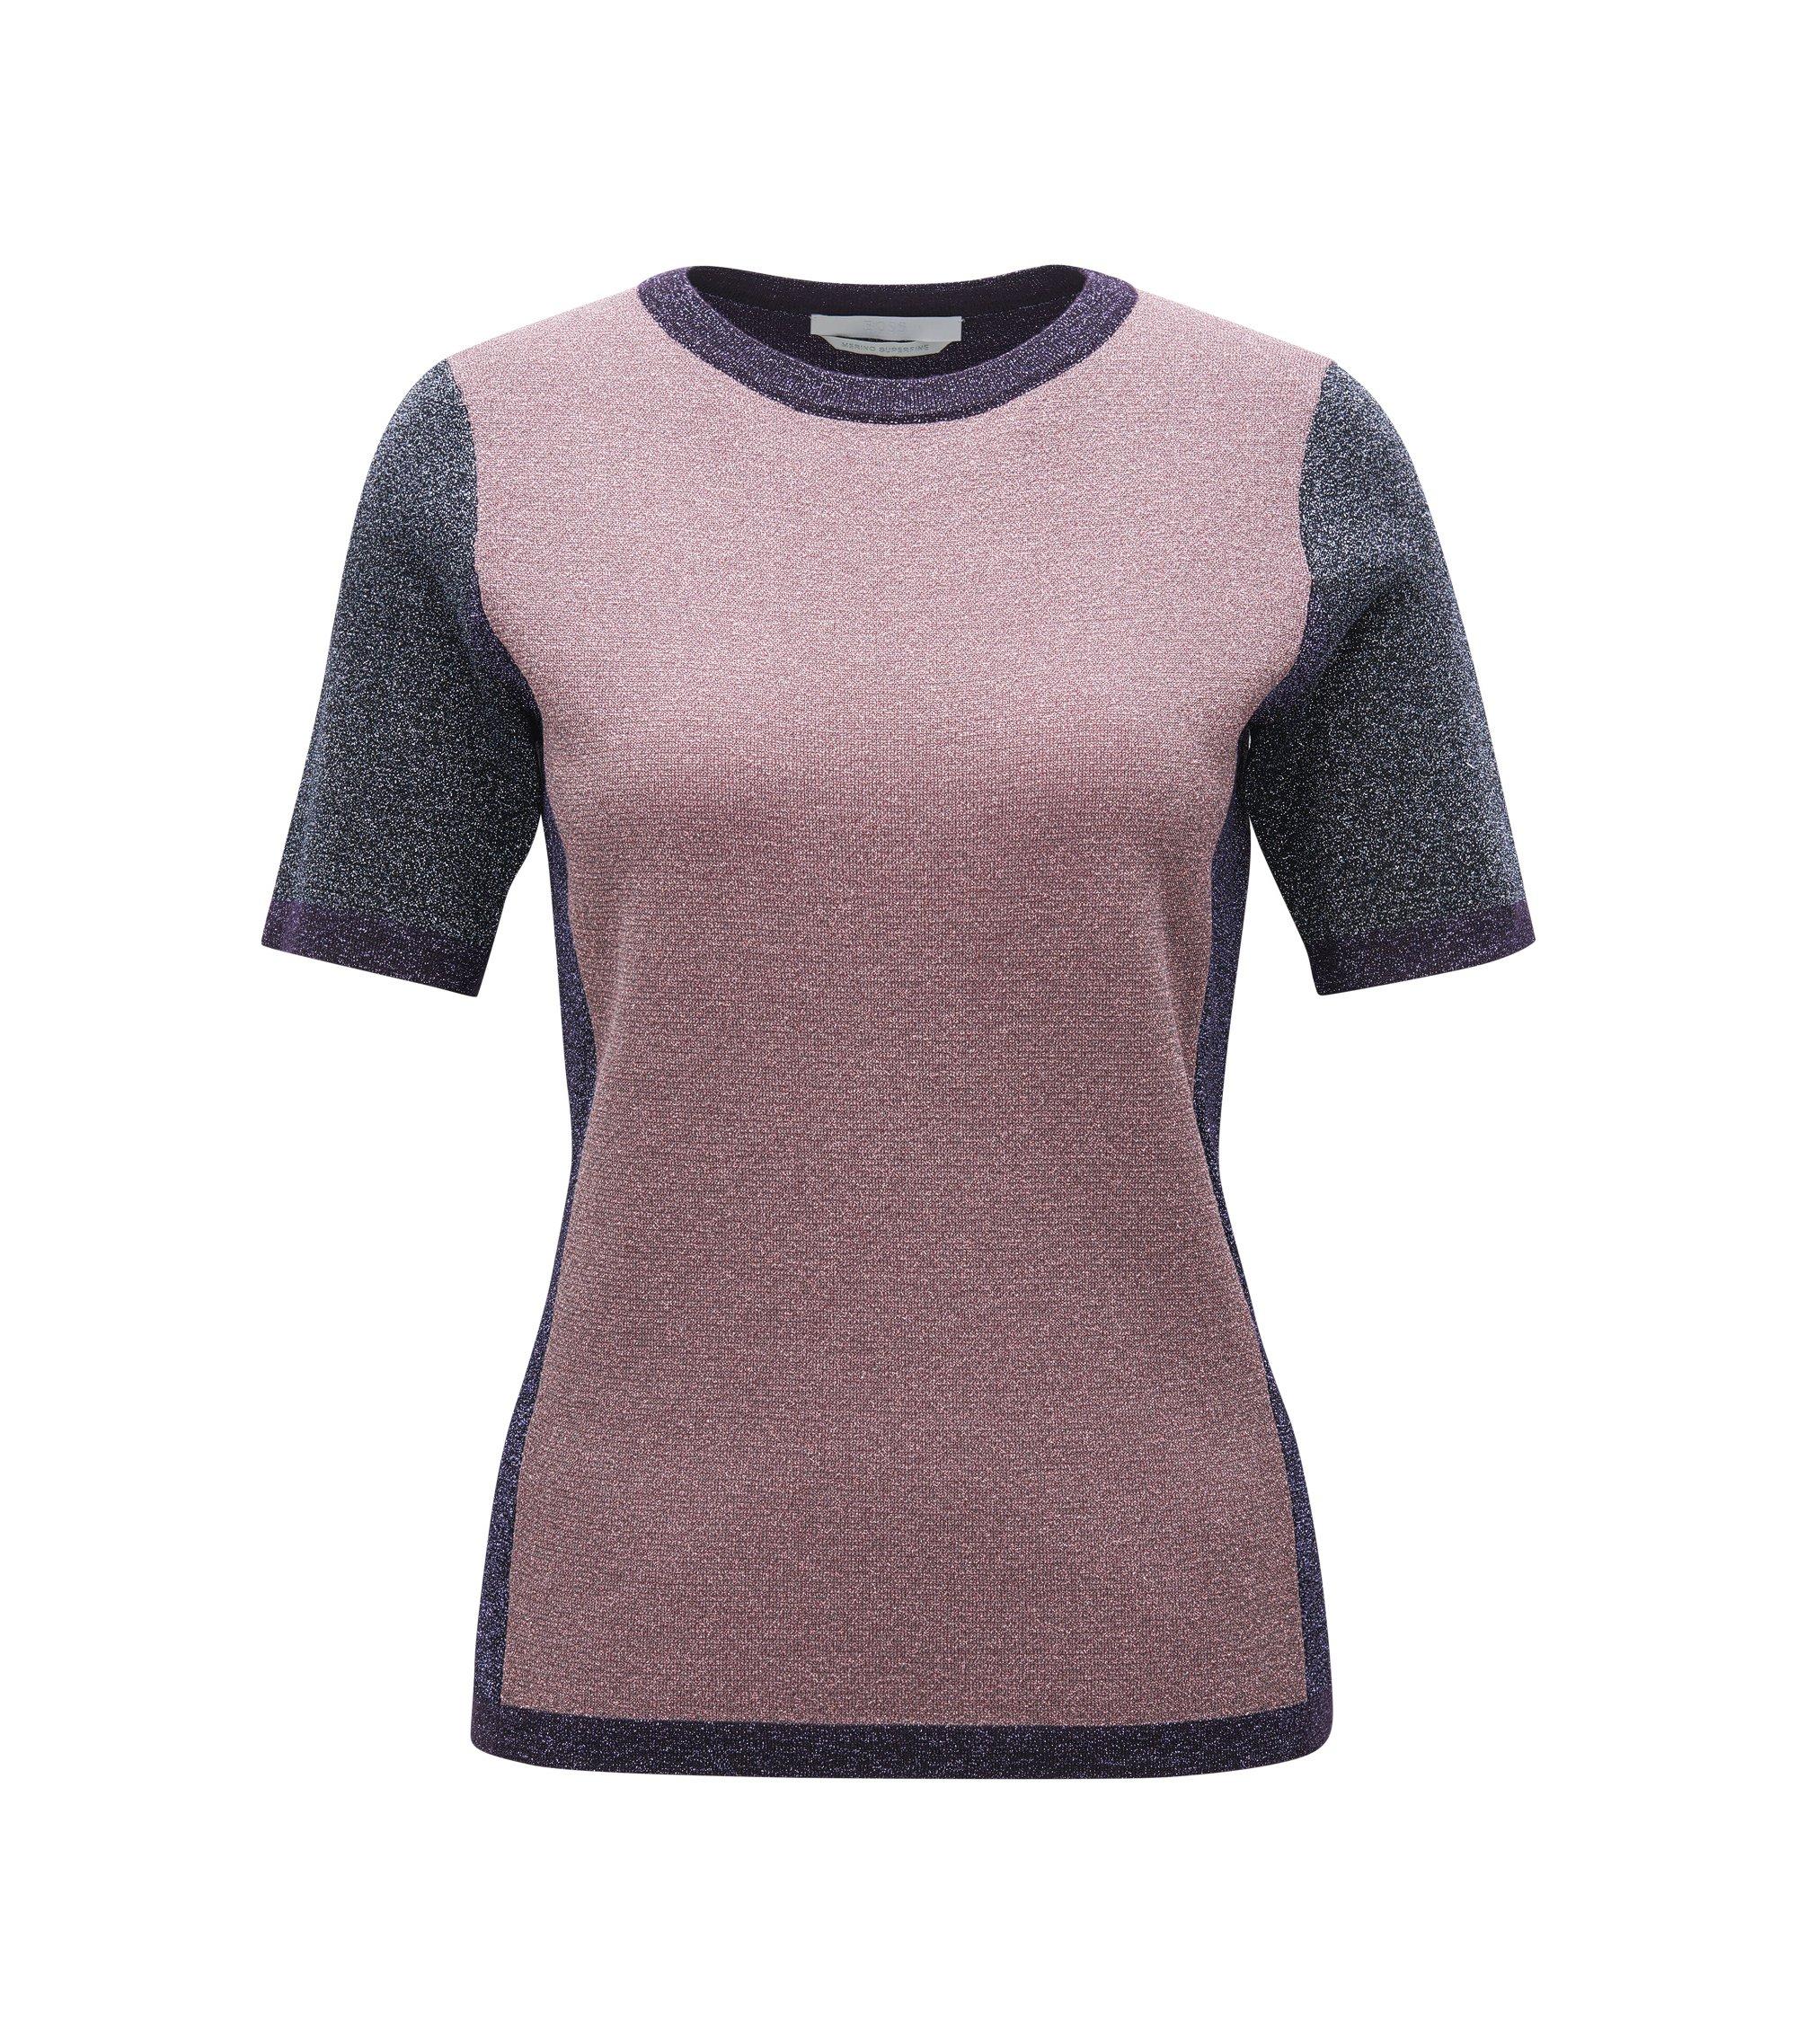 Metallised Virgin Wool Blend Top | Fifer, Patterned